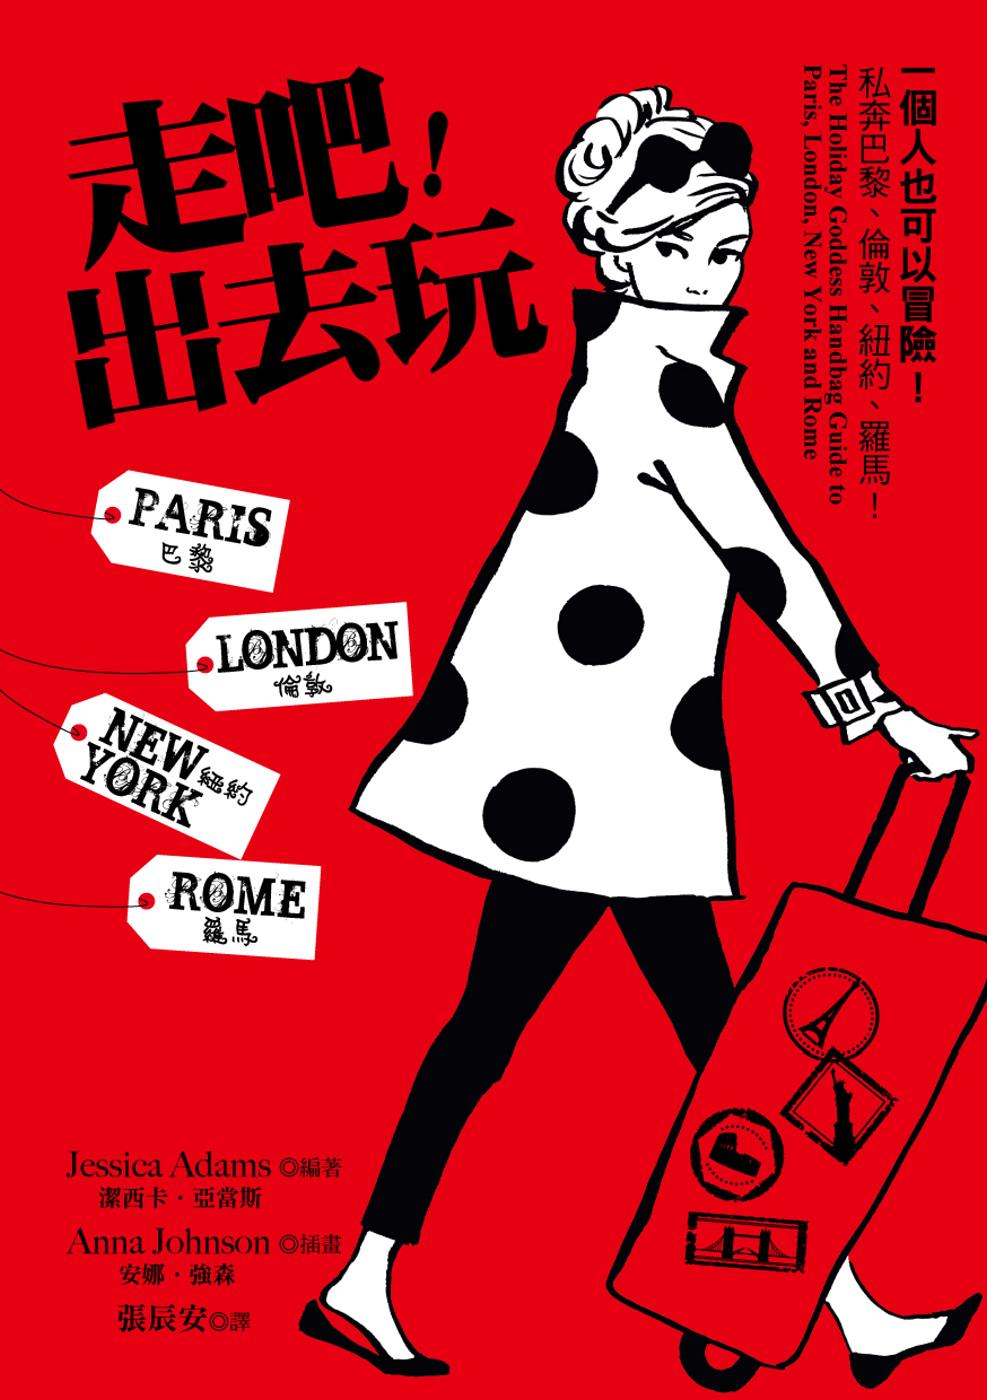 走吧!出去玩:一個人也 冒險!私奔巴黎、倫敦、紐約、羅馬 隨書附贈:透明 女神手提袋乙個